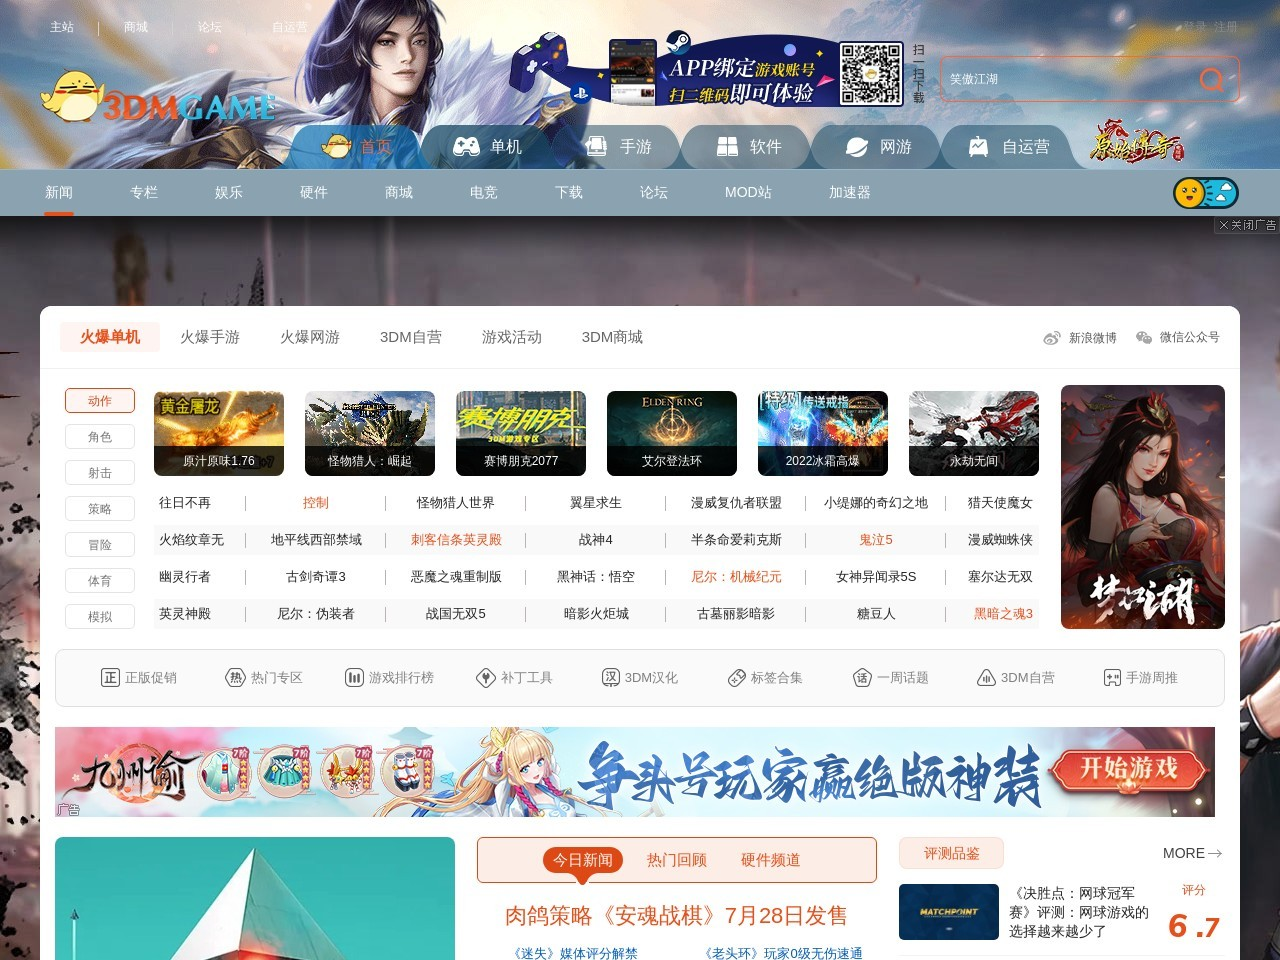 《新世纪福音战士 新剧场版:终》首周票房突破33亿日元_3DM单机